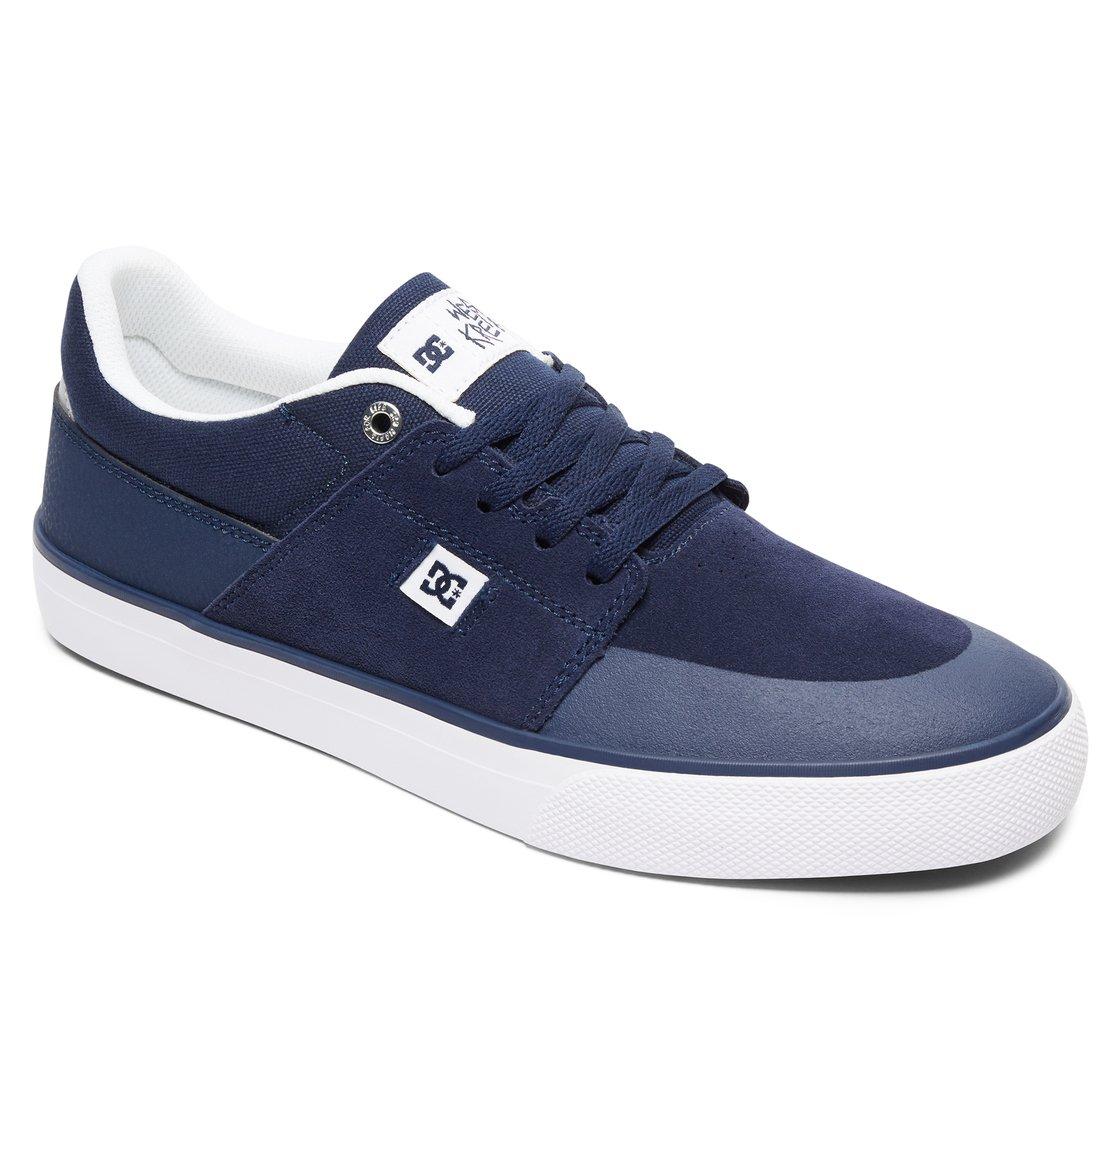 DC-Shoes-Wes-Kremer-Baskets-pour-Homme-ADYS300315 miniature 3